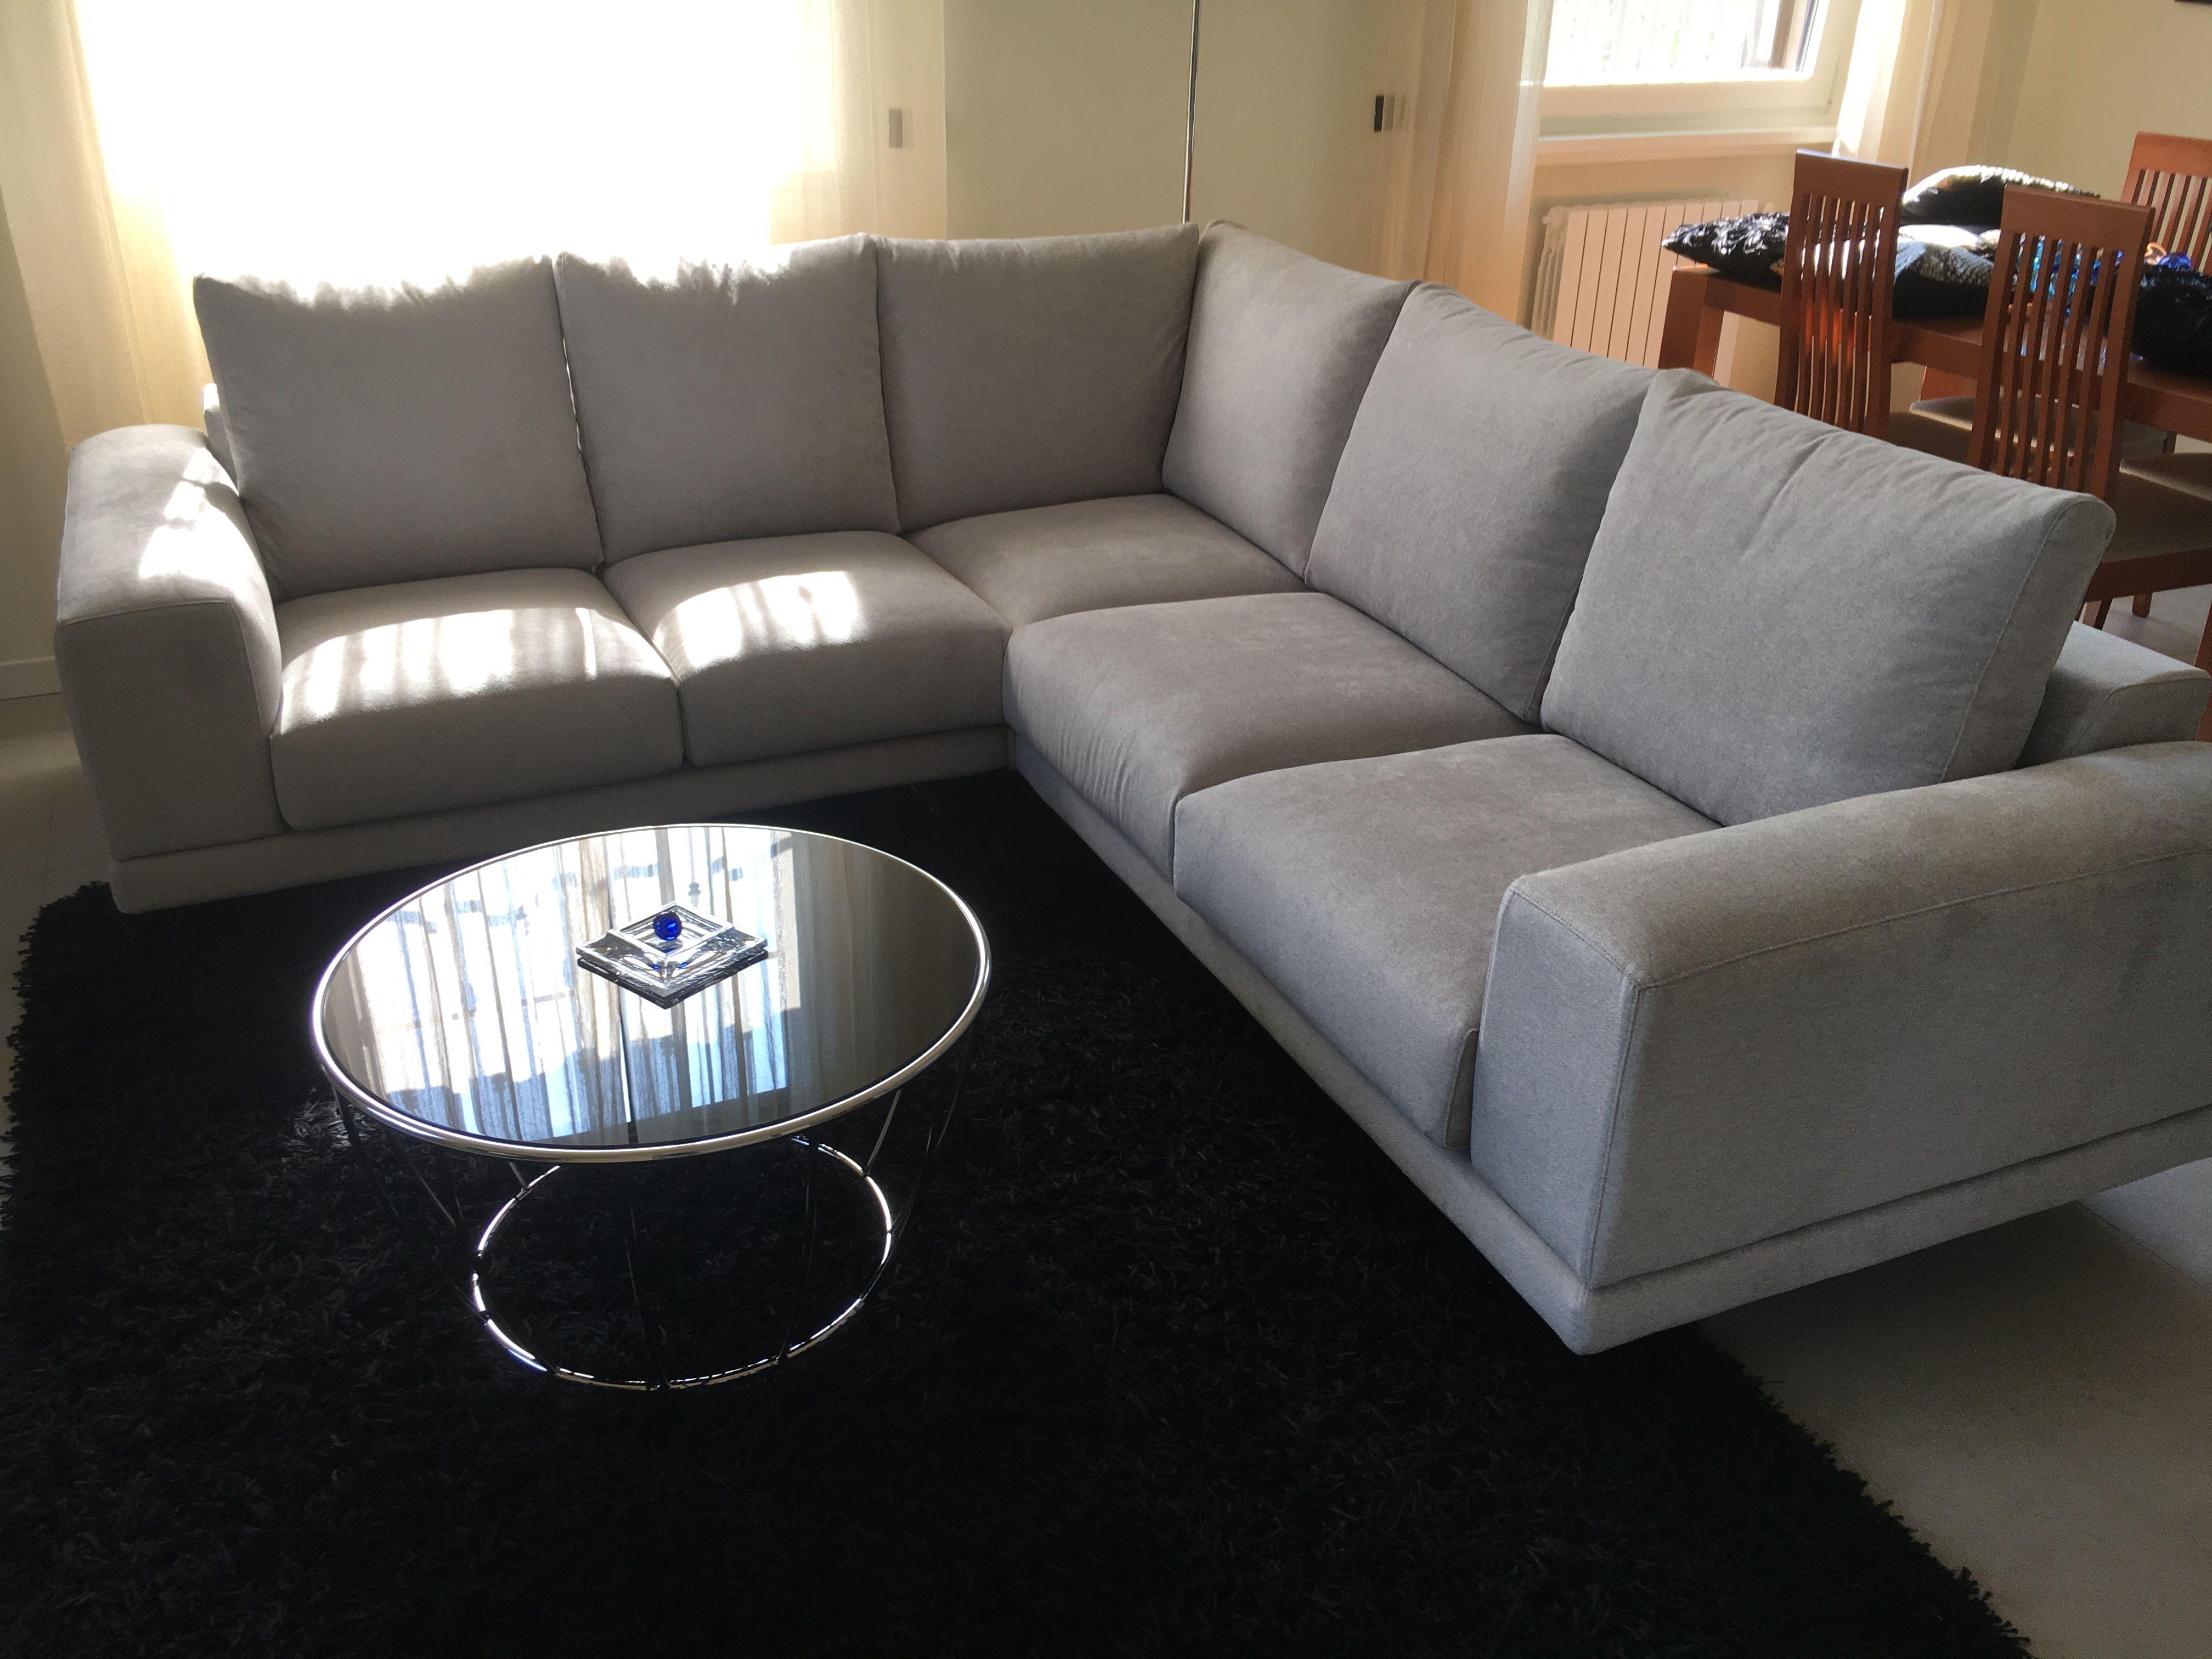 Divani Su Misura Milano divani personalizzati e su misura (con immagini) | divani